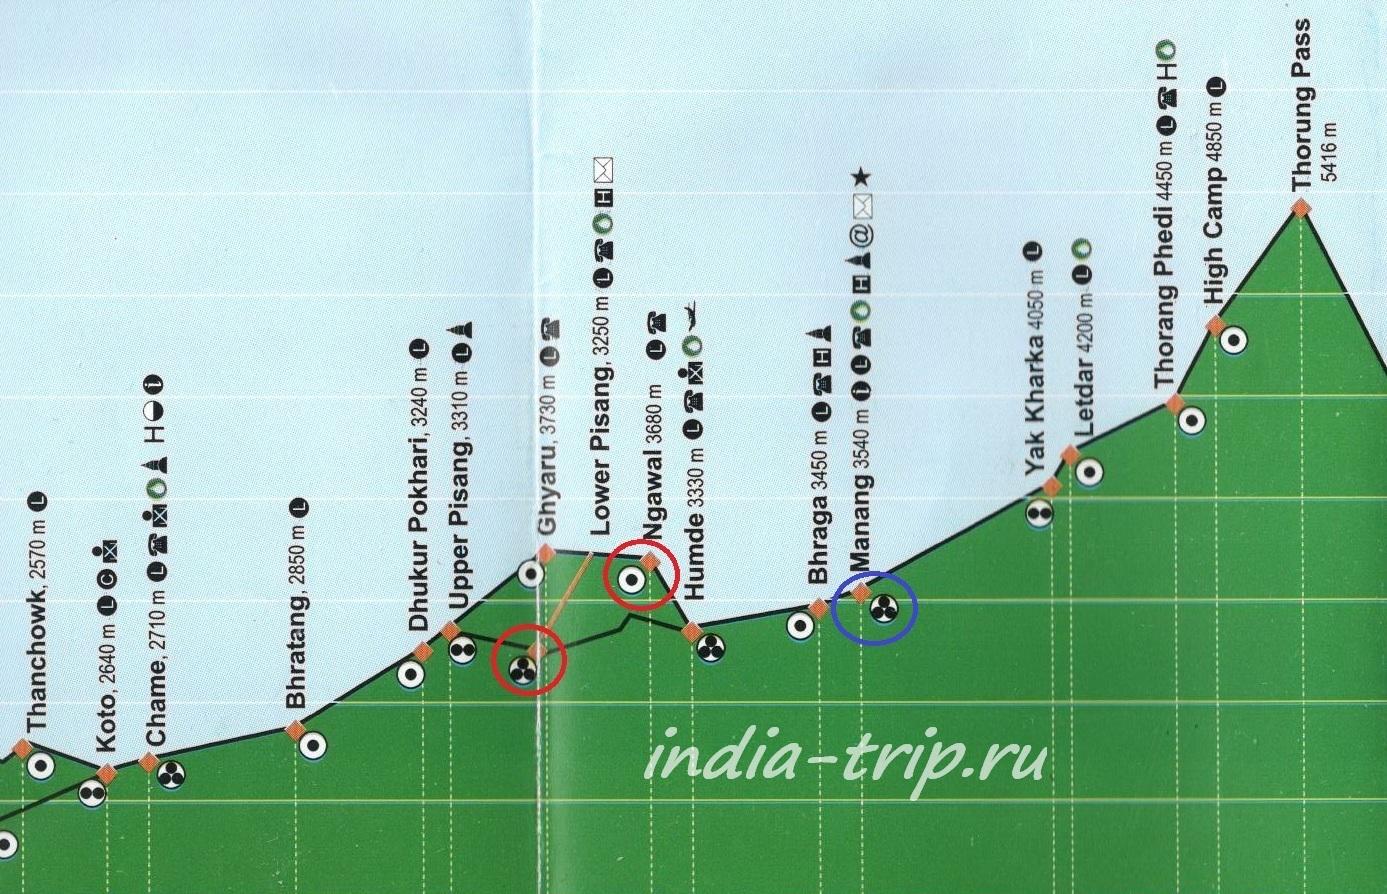 Трек вокруг Аннапурны, карта высот